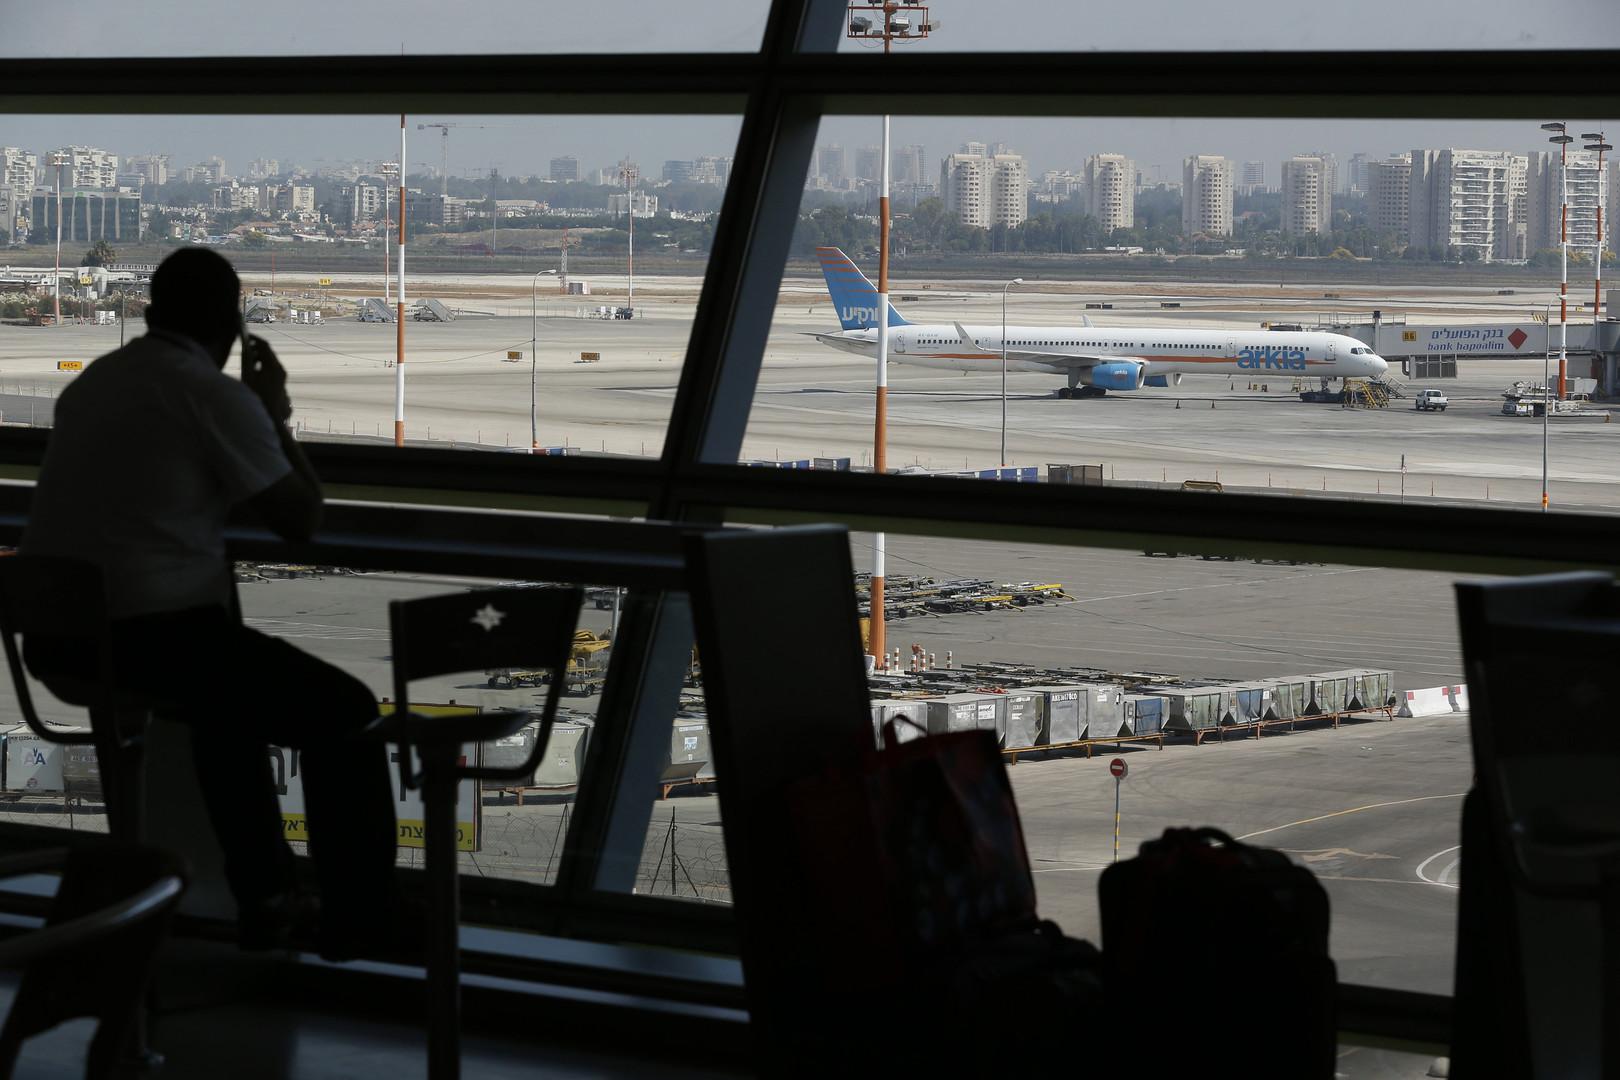 إسرائيل تعلن انتهاء تقطع إشارات نظام GPS في مجالها الجوي